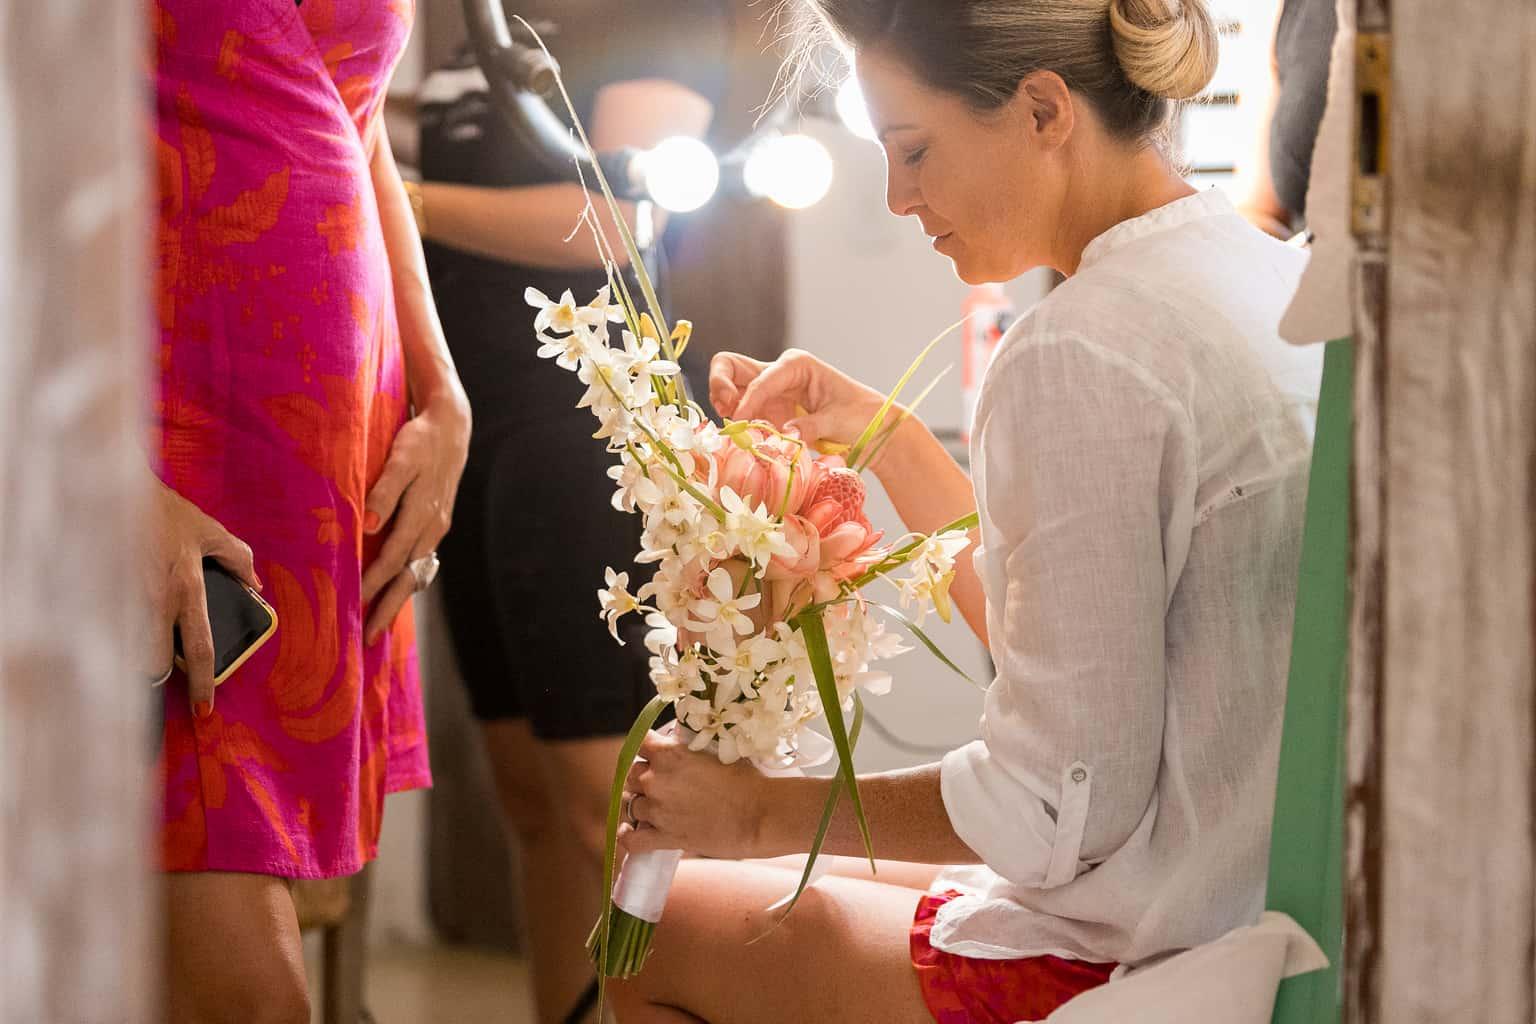 Casamento-Victoria-e-Christian-Fotografia-Tiago-Saldanha85_MG_0262